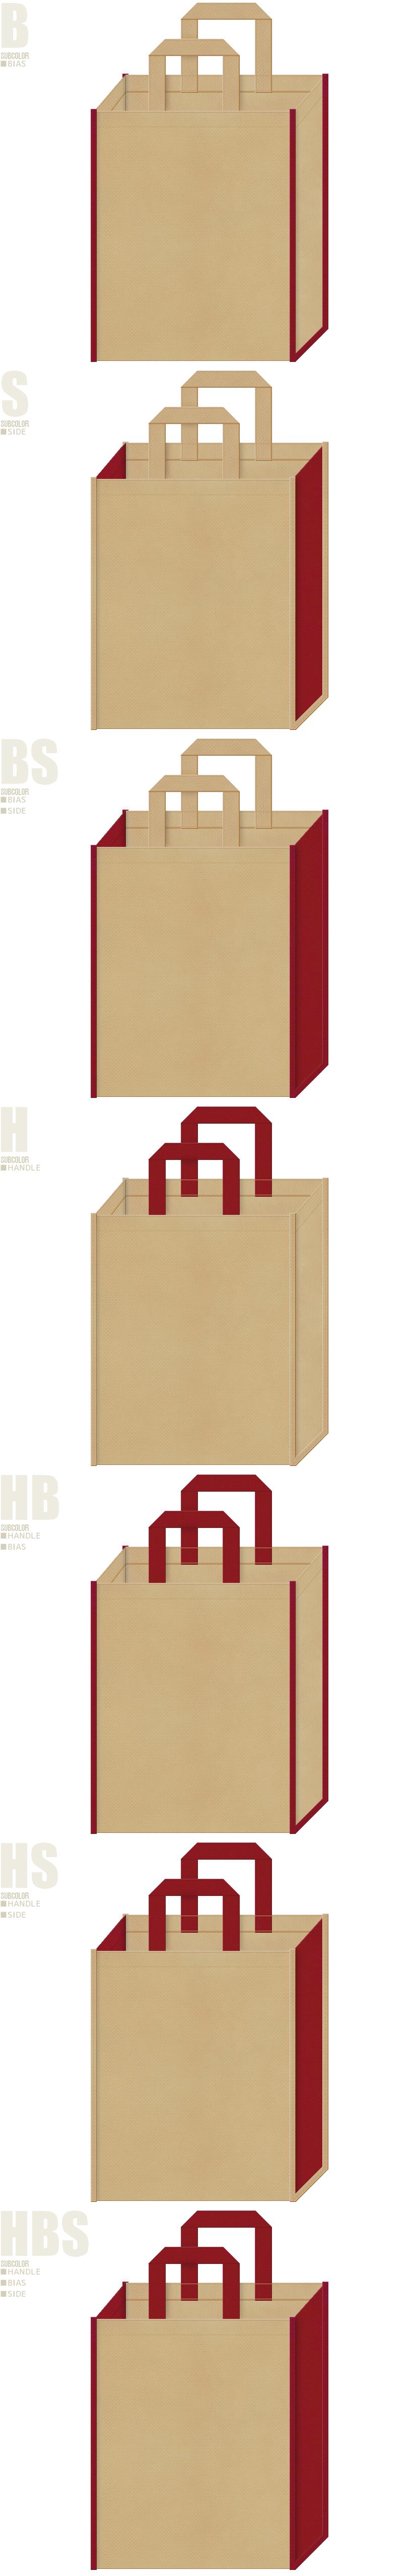 カーキ色とエンジ色、7パターンの不織布トートバッグ配色デザイン例。能楽・人形浄瑠璃等の和風催事のバッグノベルティにお奨めです。